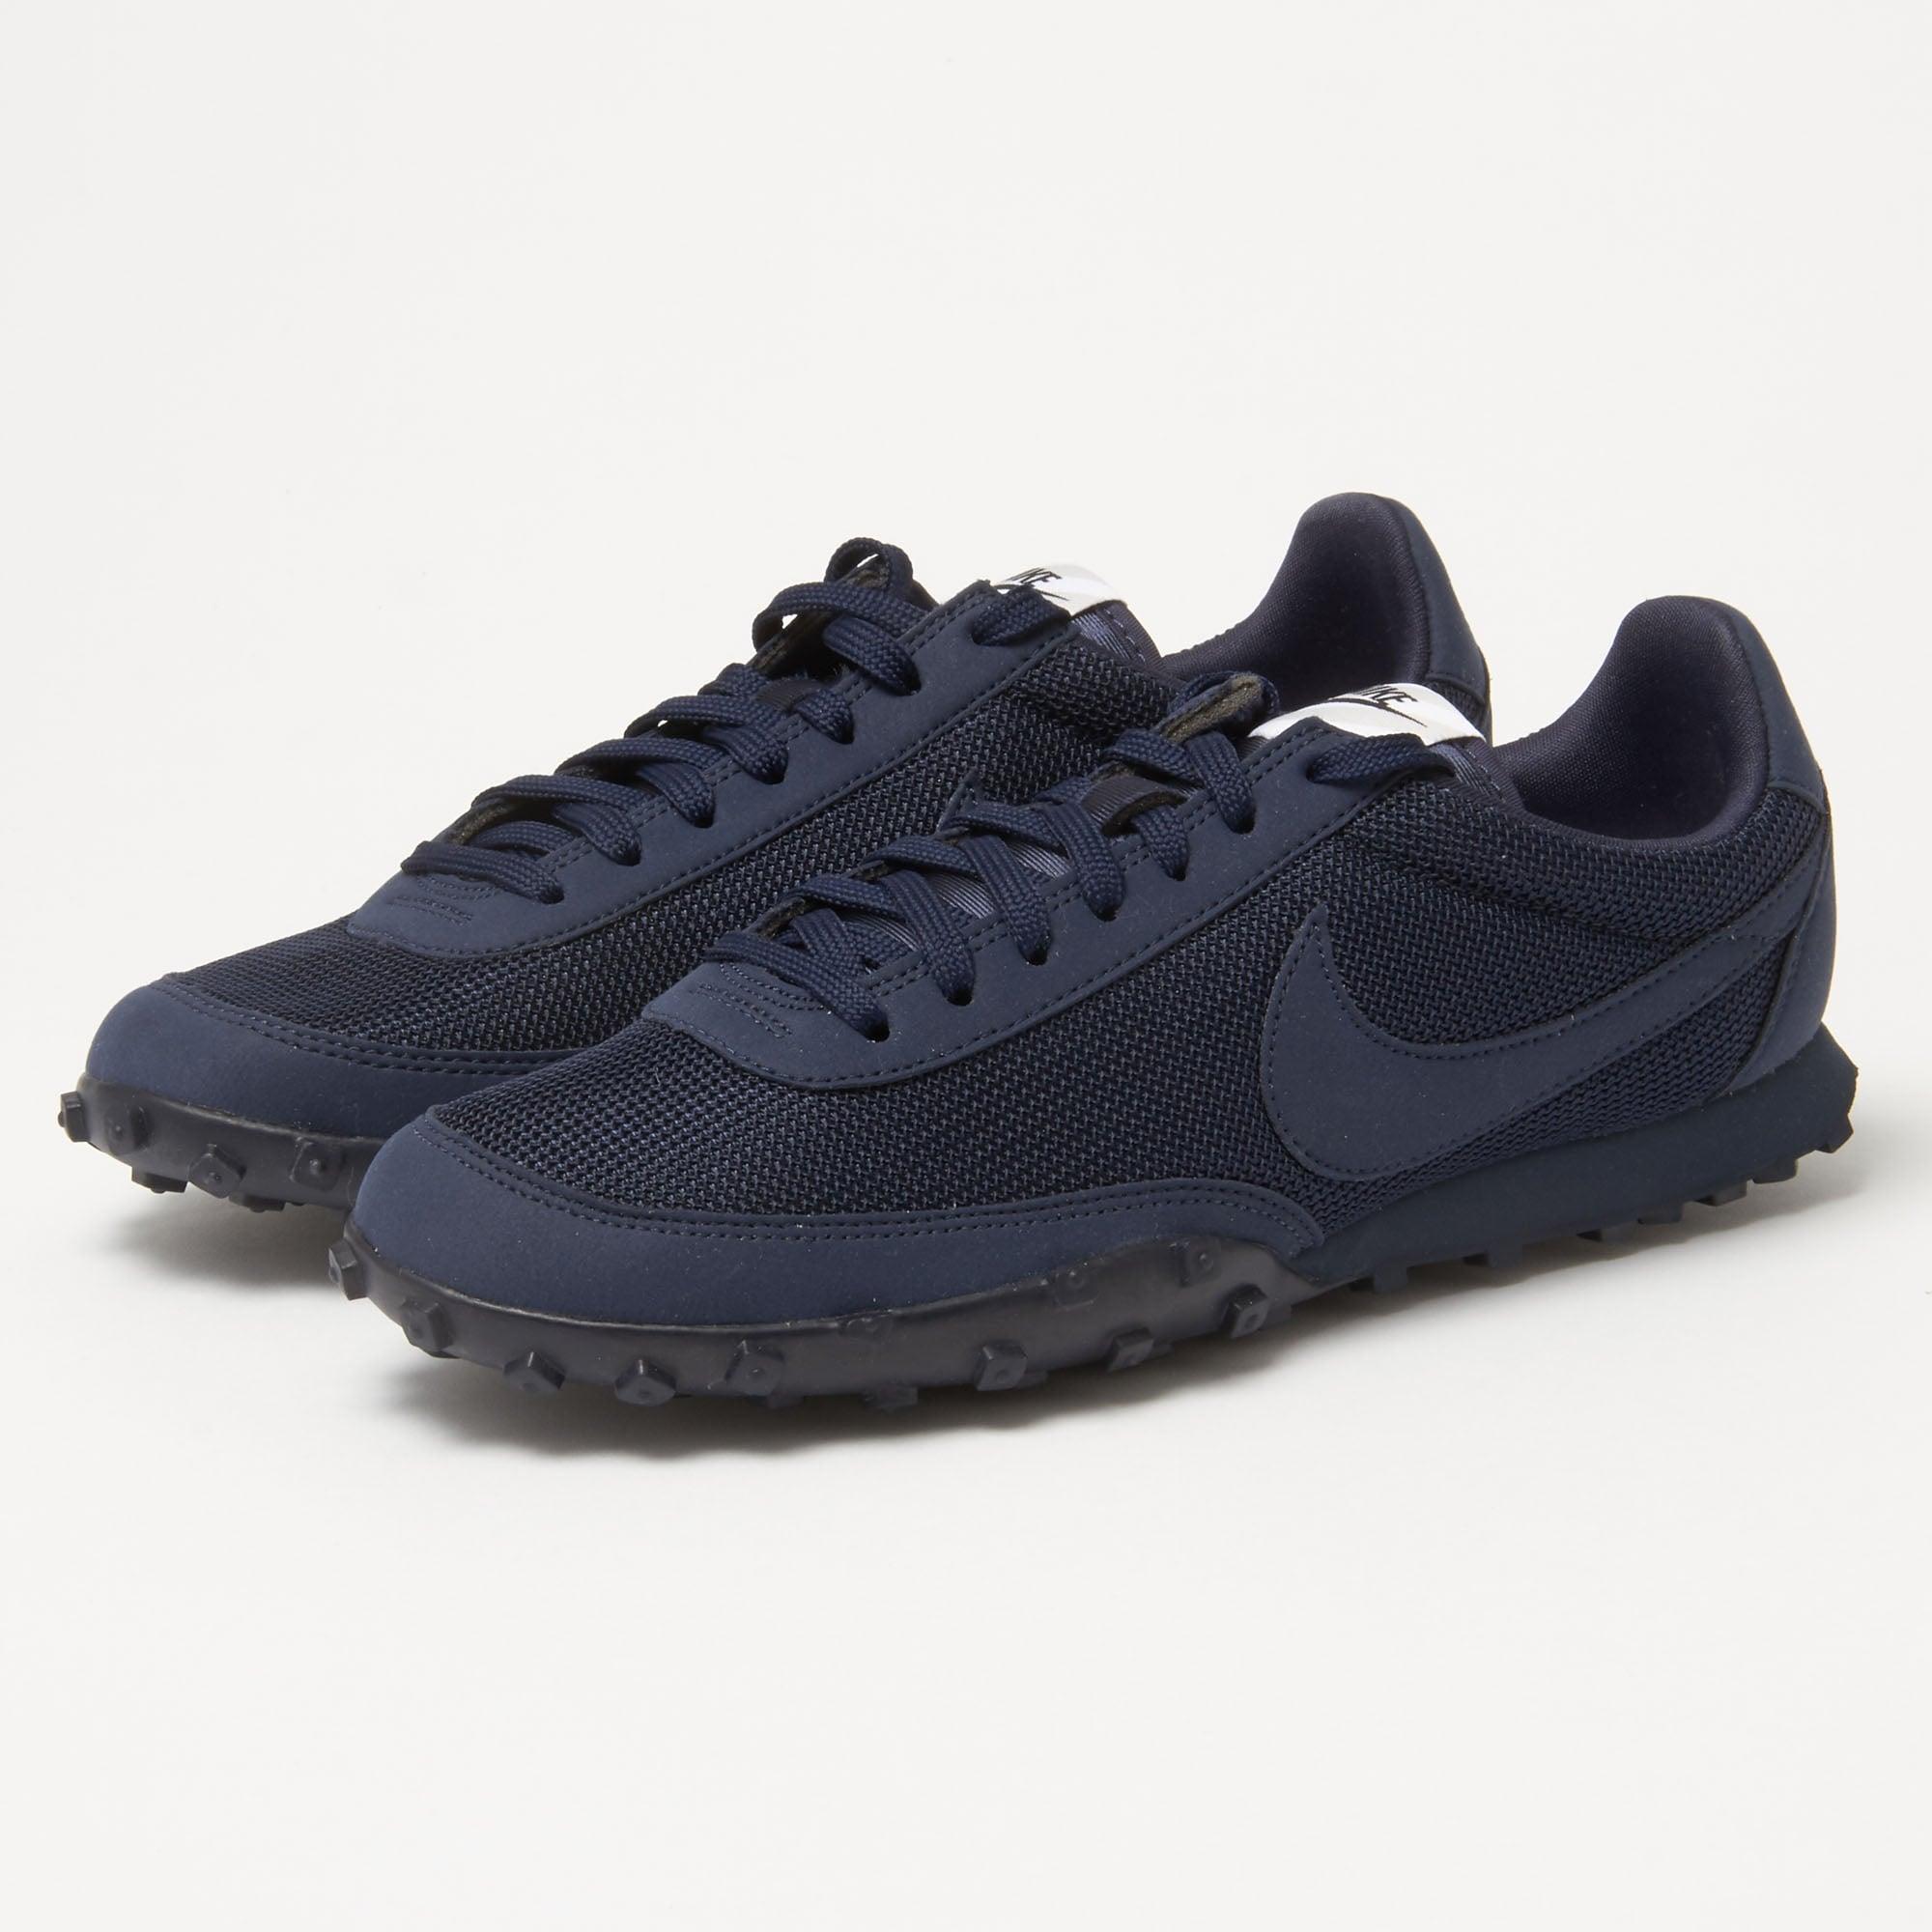 Lyst - Nike Waffle Racer  17 Prm Obsidian Sneaker in Blue for Men 3d3fab462